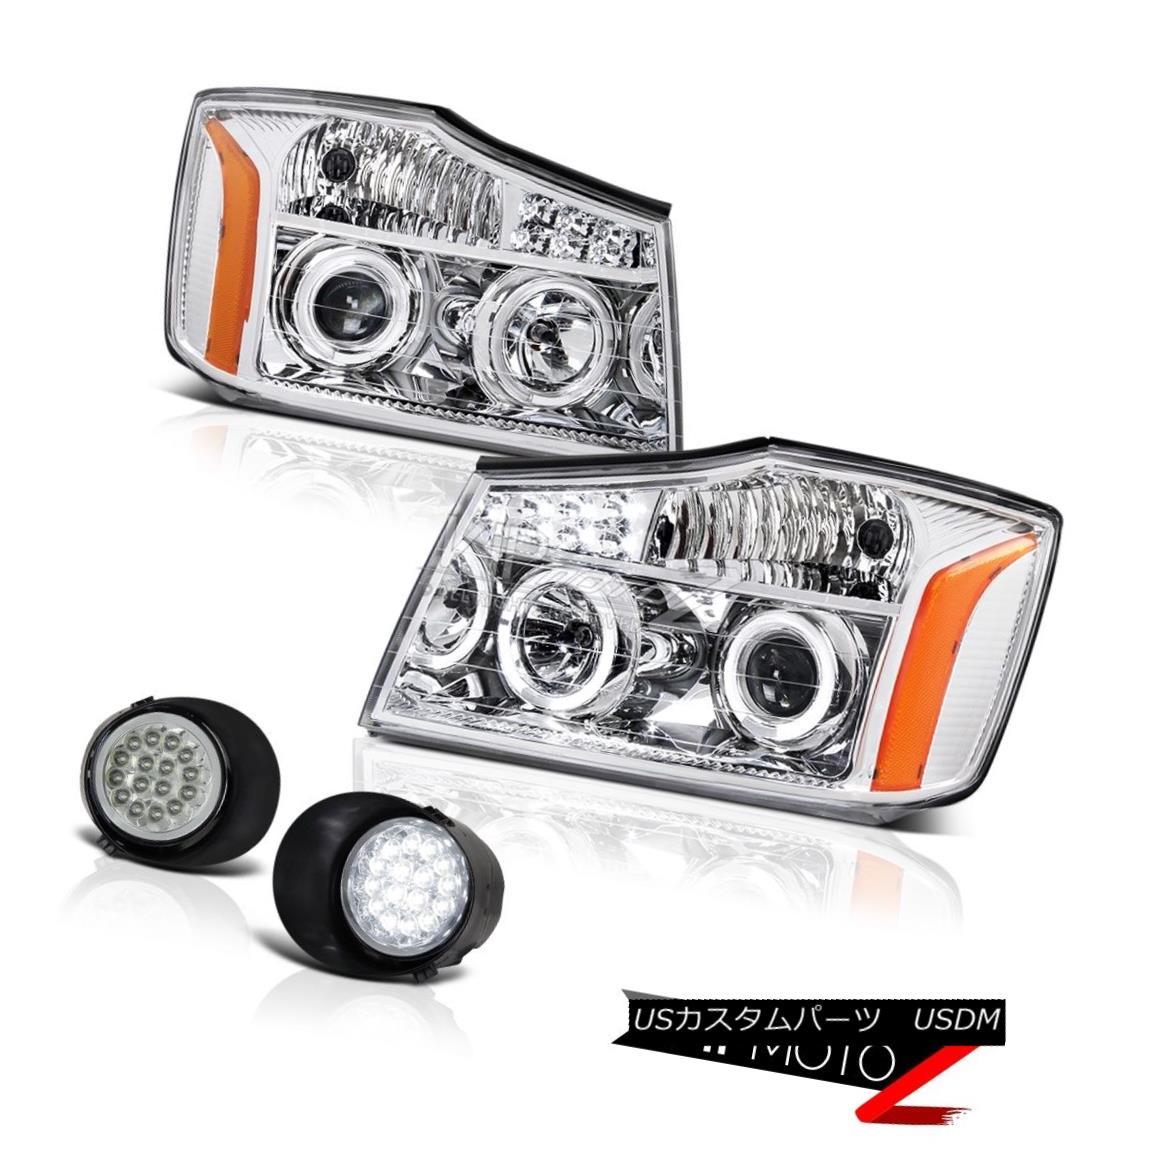 ヘッドライト For 2004-2015 Titan 4X4 Dual Angel Eye Headlight LED Euro Chrome Bumper Foglight 2004年?2015年Titan 4X4デュアルエンジェルアイヘッドライトLEDユーロクロムバンパーフォグライト